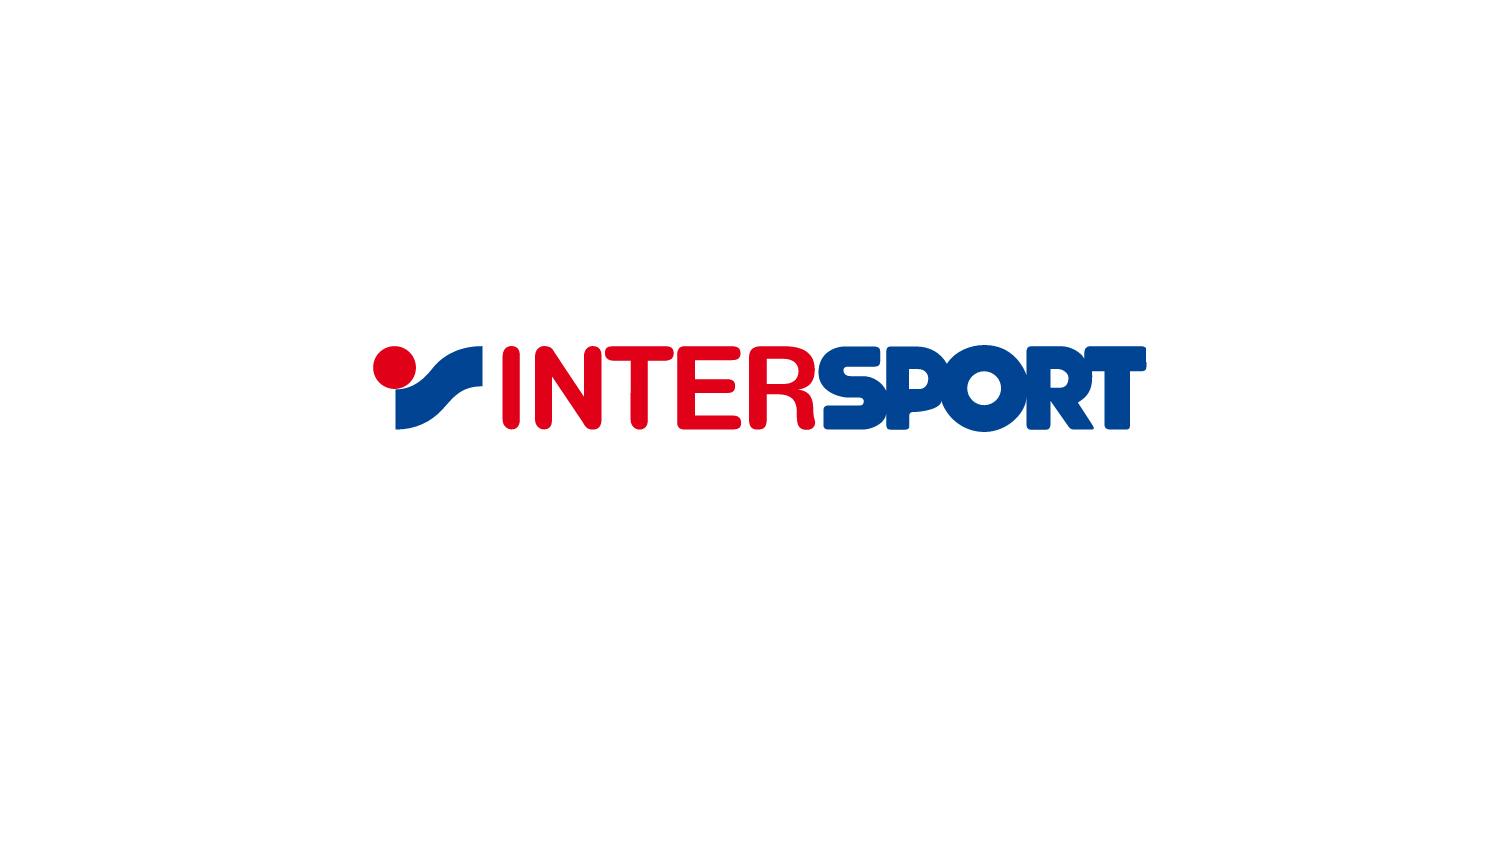 INTERSPORT ENTREPRISE FRANCAIS